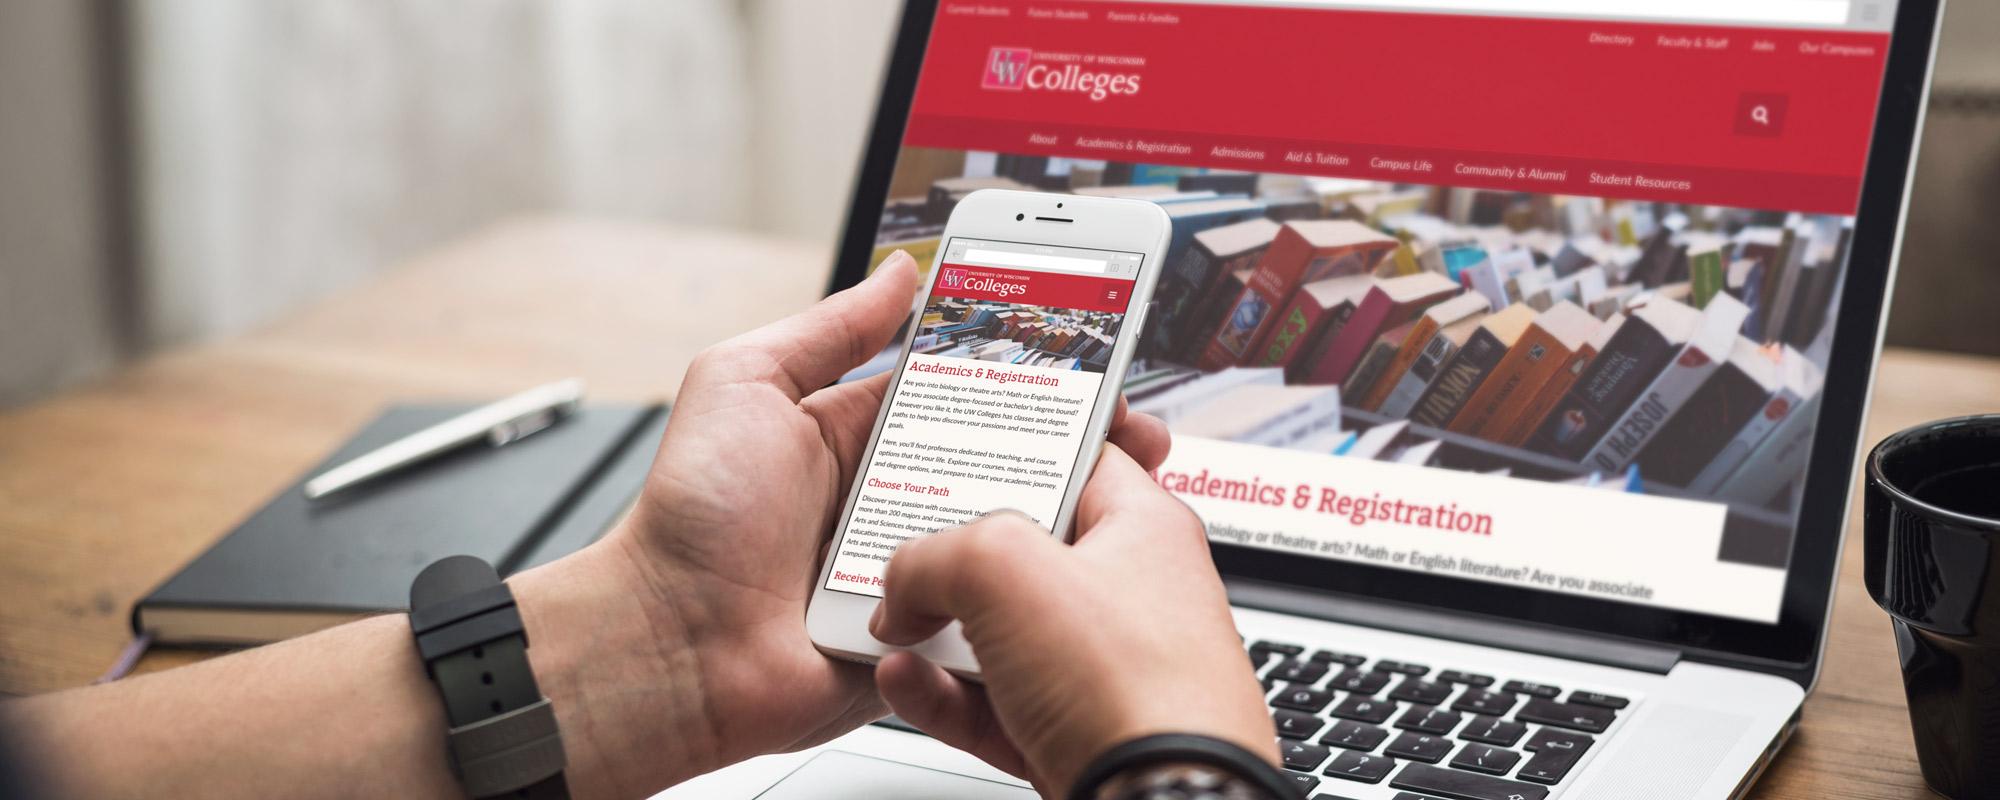 UW Colleges Website Hero